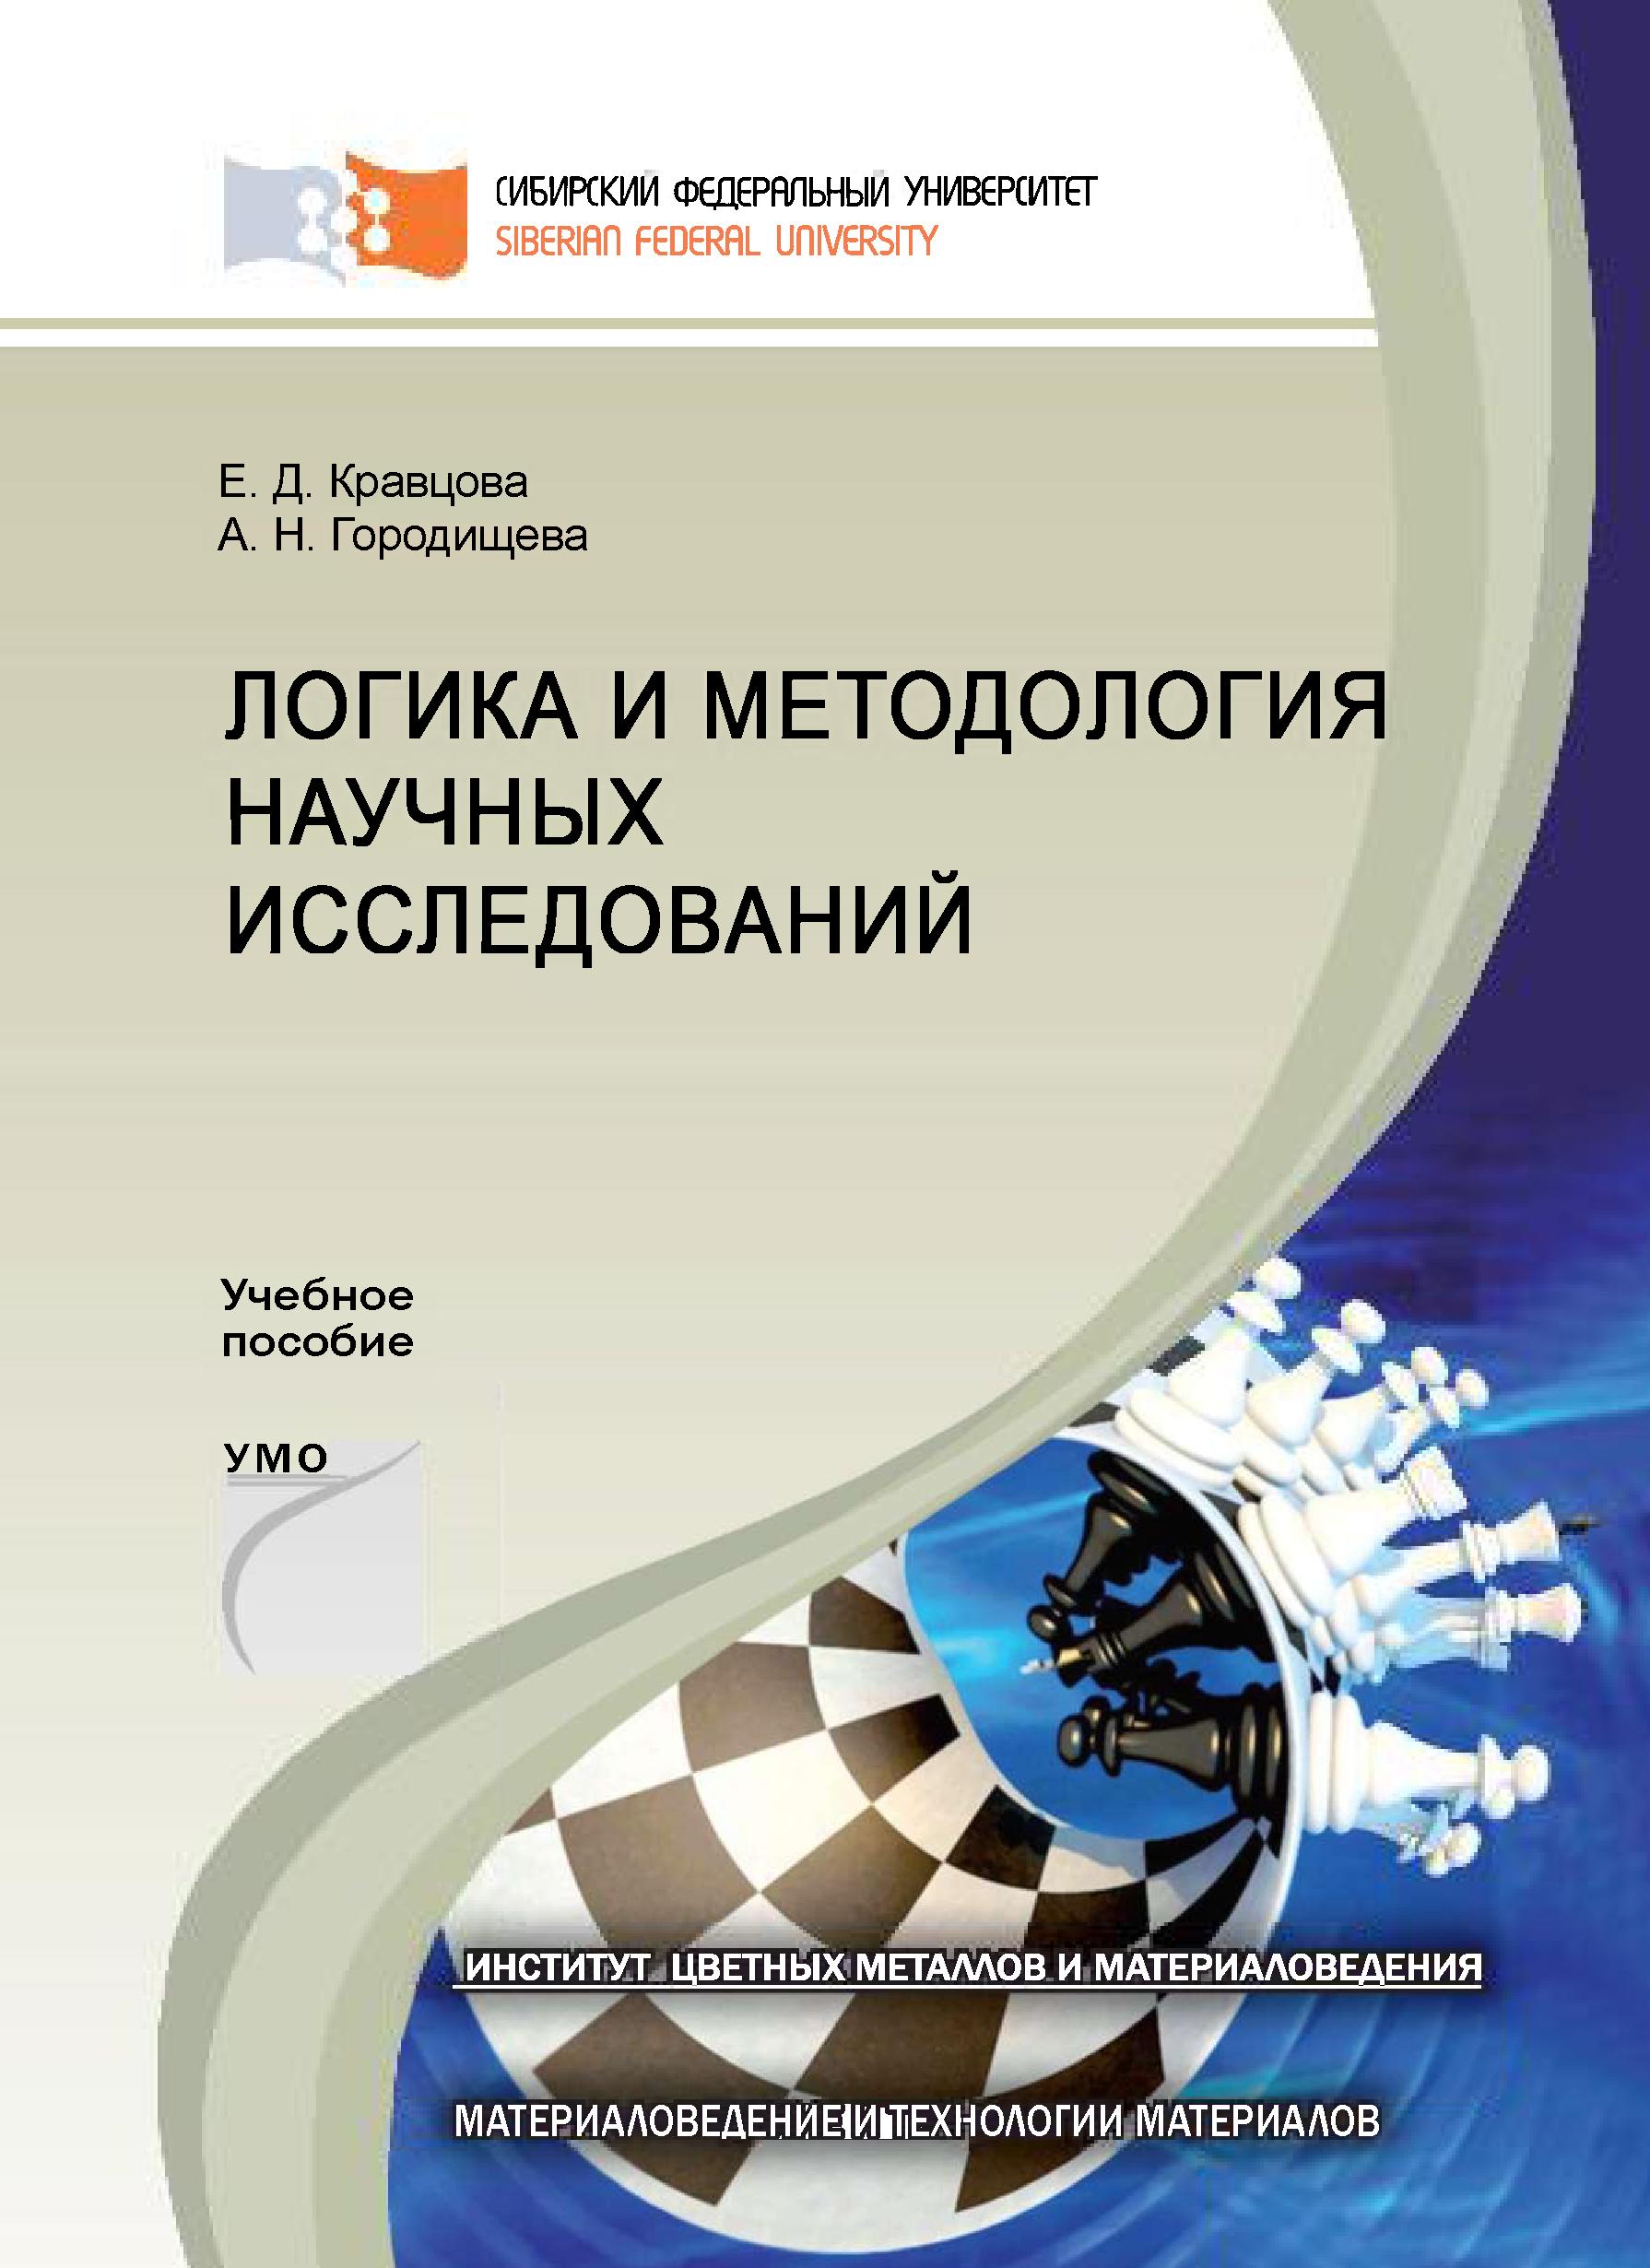 Анна Городищева Логика и методология научных исследований е д кравцова а н городищева логика и методология научных исследований учебное пособие